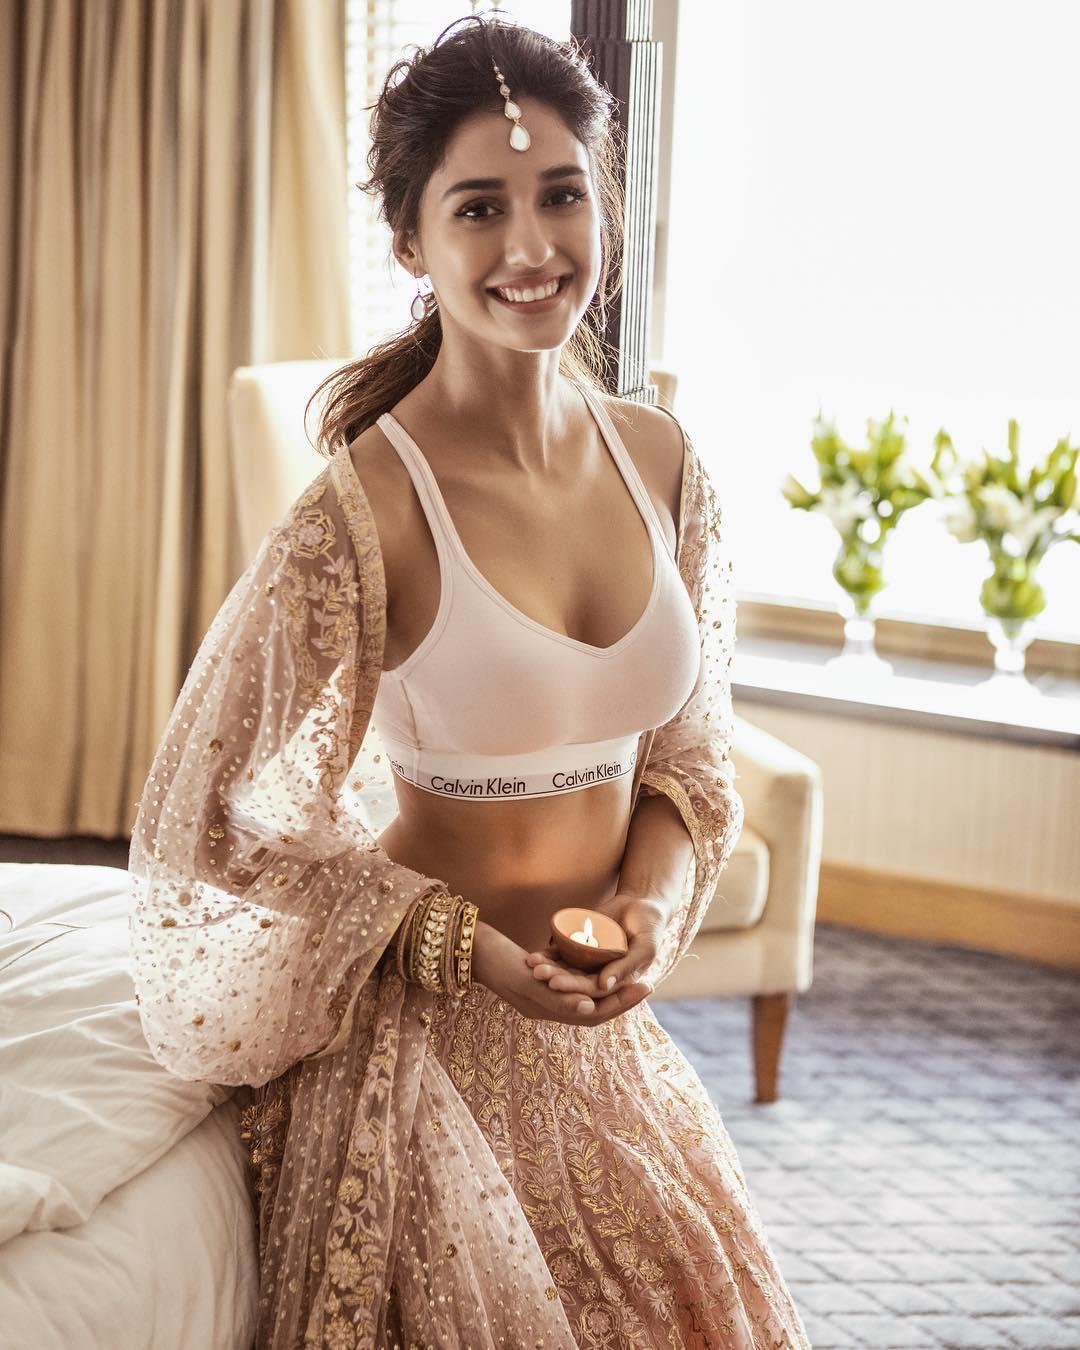 [Image: Disha-Patani-Hot-Girl-Mix-Match-Out-of-t...e-Wear.jpg]